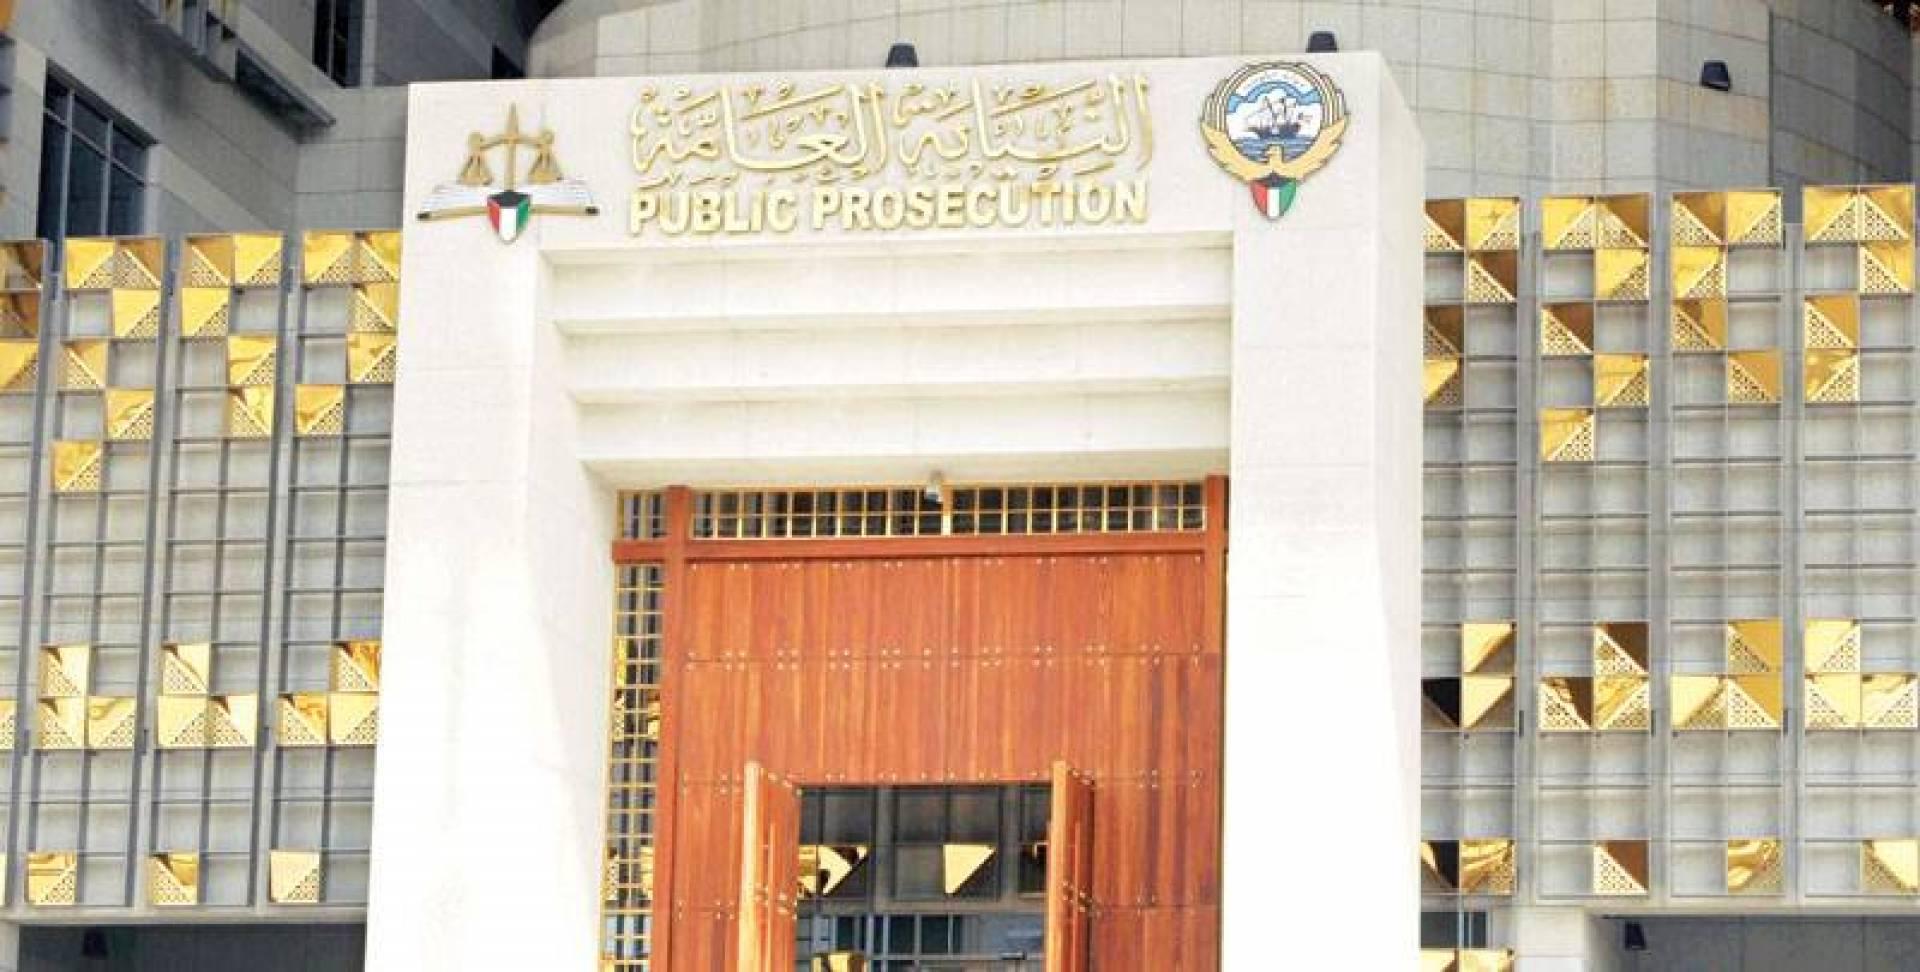 النيابة تفتح التحقيق غداً في بلاغ «الصندوق الماليزي»